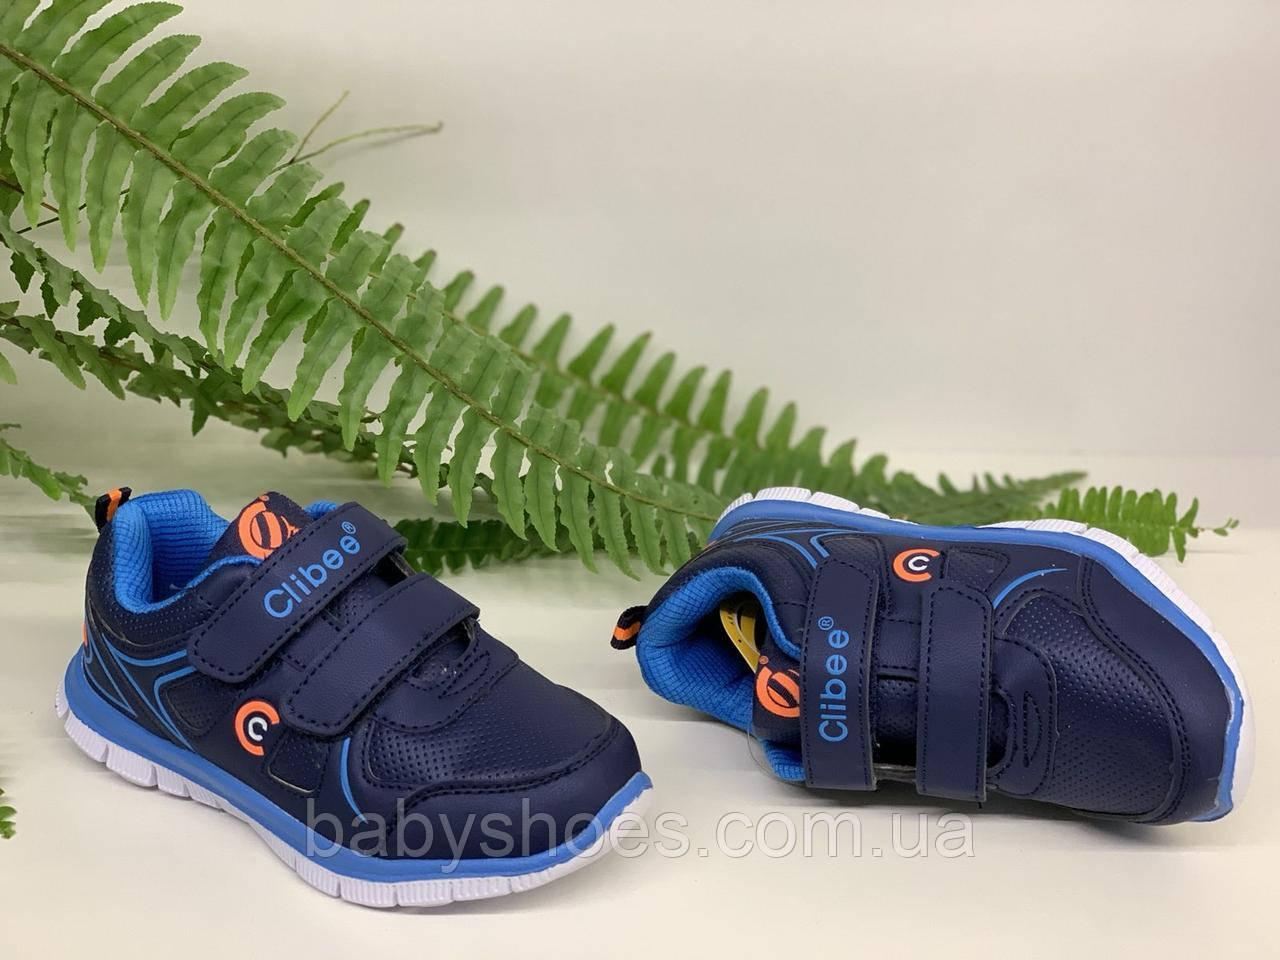 Кроссовки для мальчика Clibee Польша р.29-31 КМ-134